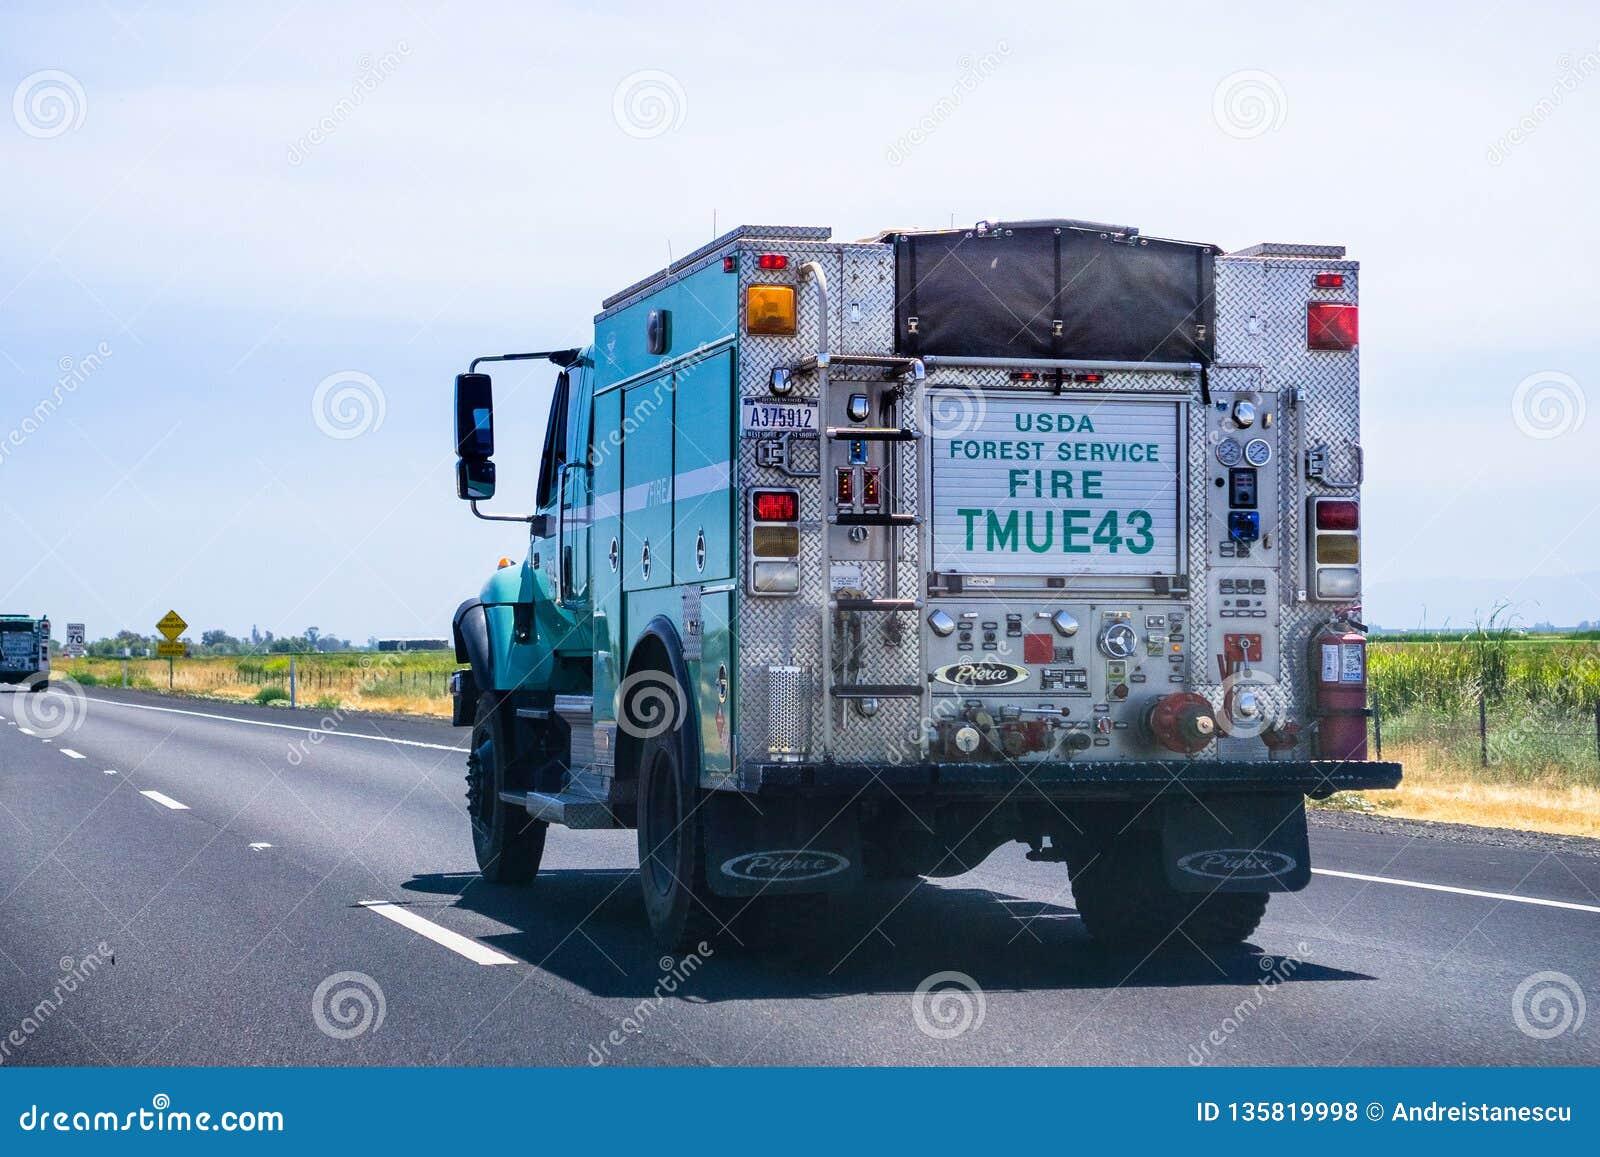 26 giugno 2018 Redding/CA/U.S.A. - camion di usda Forest Service Fire che guida sul da uno stato all altro